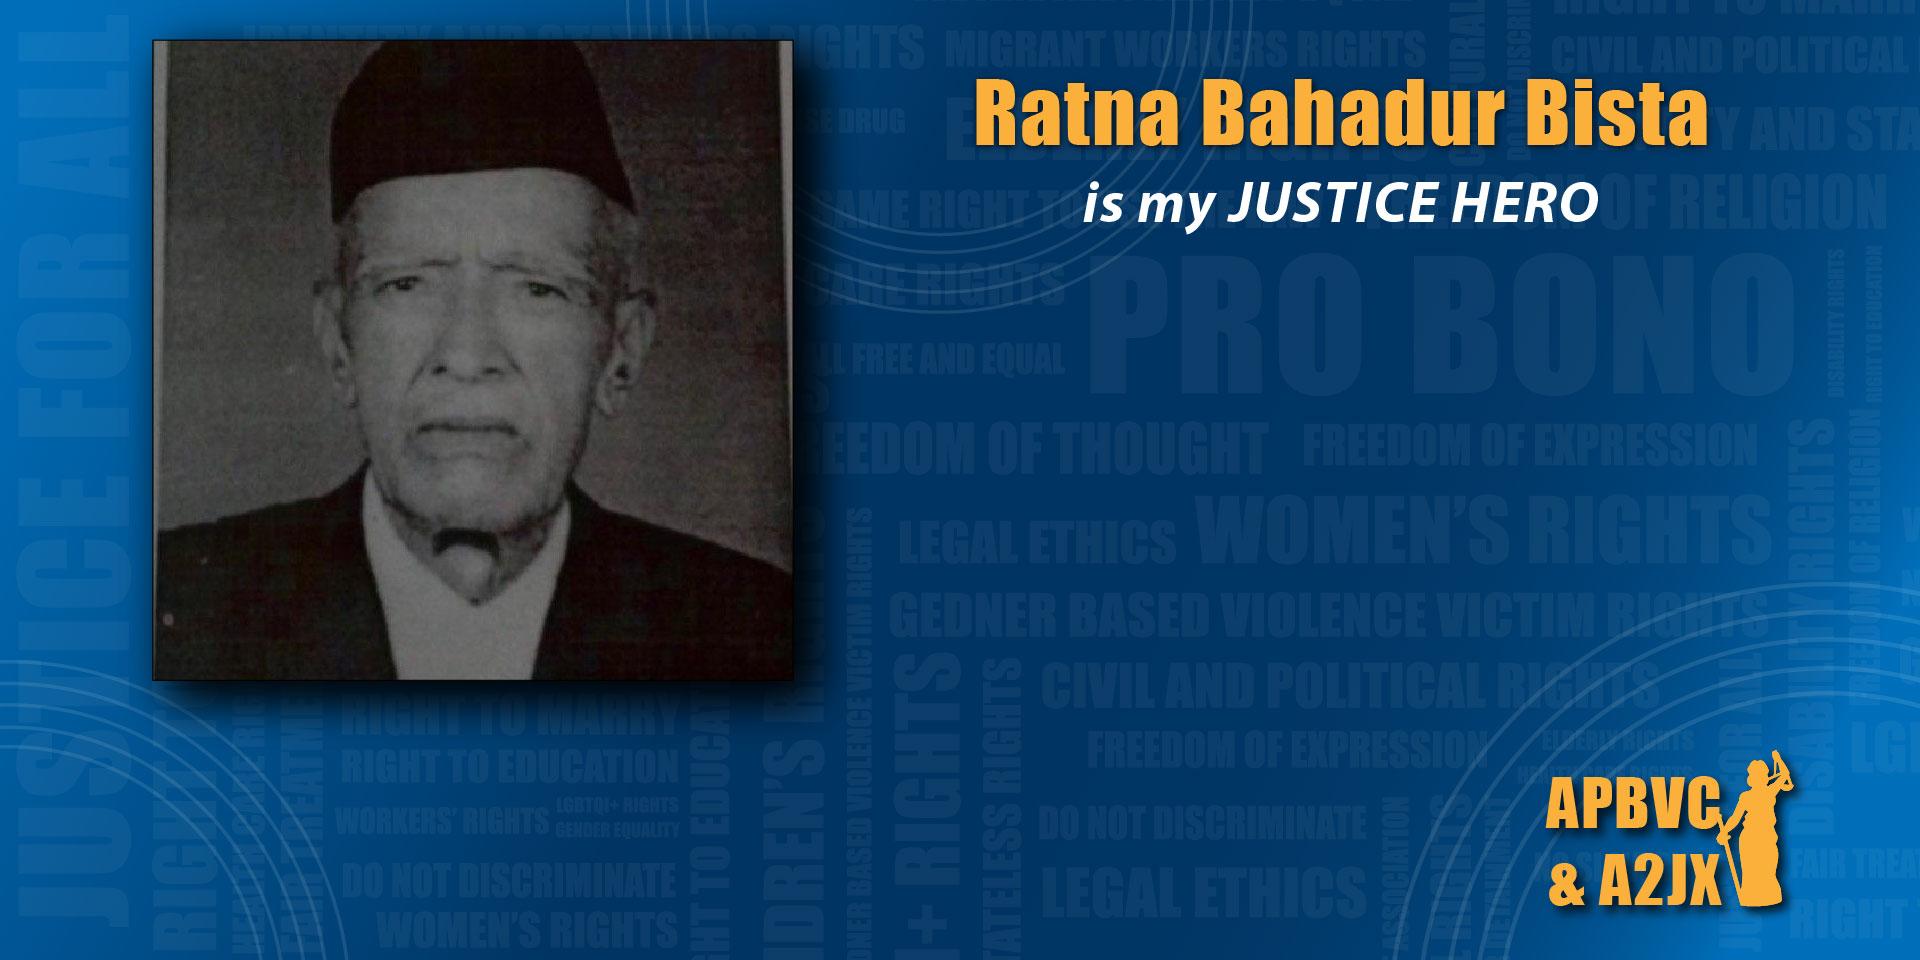 Ratna Bahadur Bista